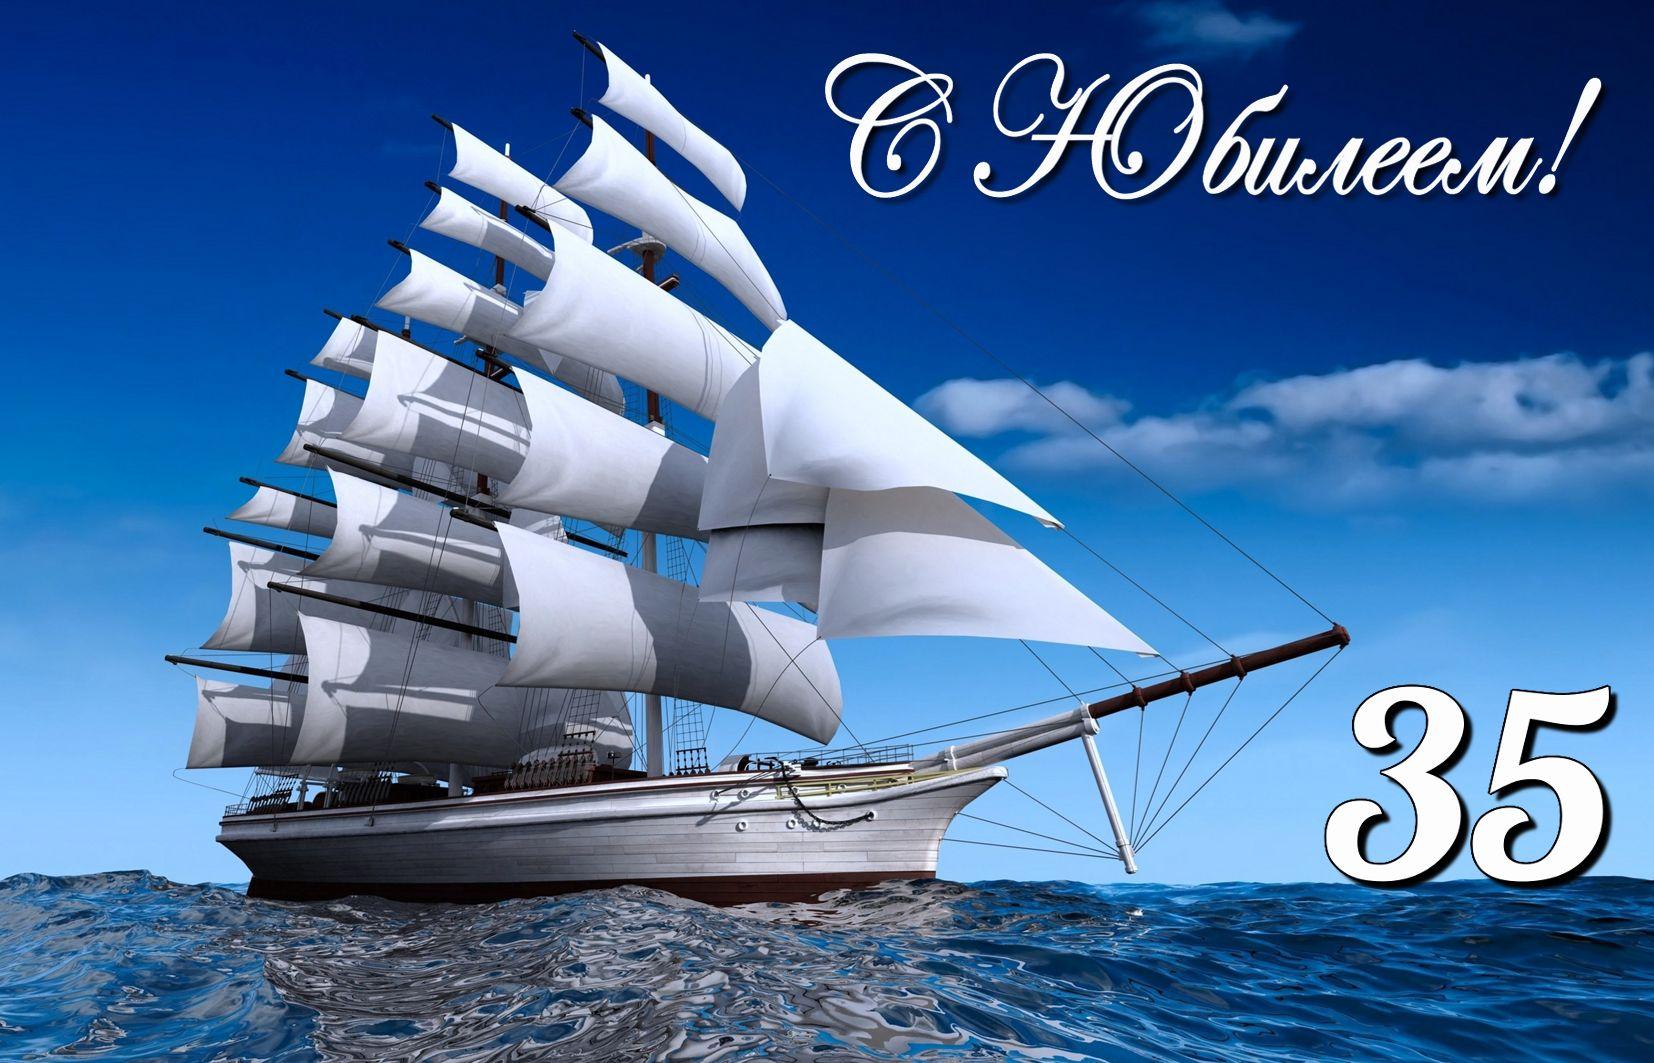 Открытка на 35 лет - парусник в синем море к юбилею